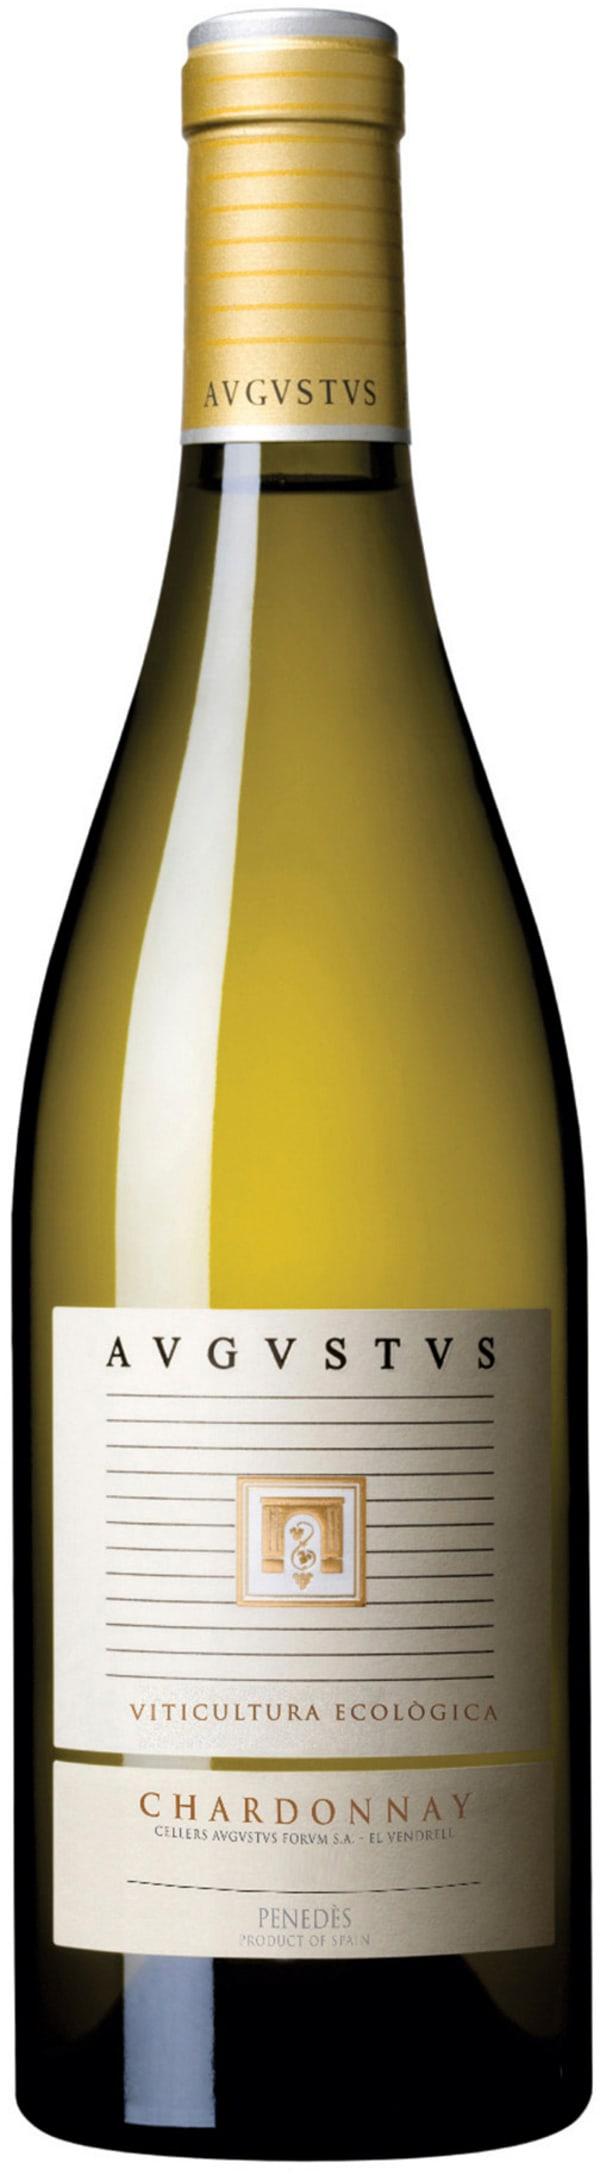 Avgvstvs Chardonnay 2017